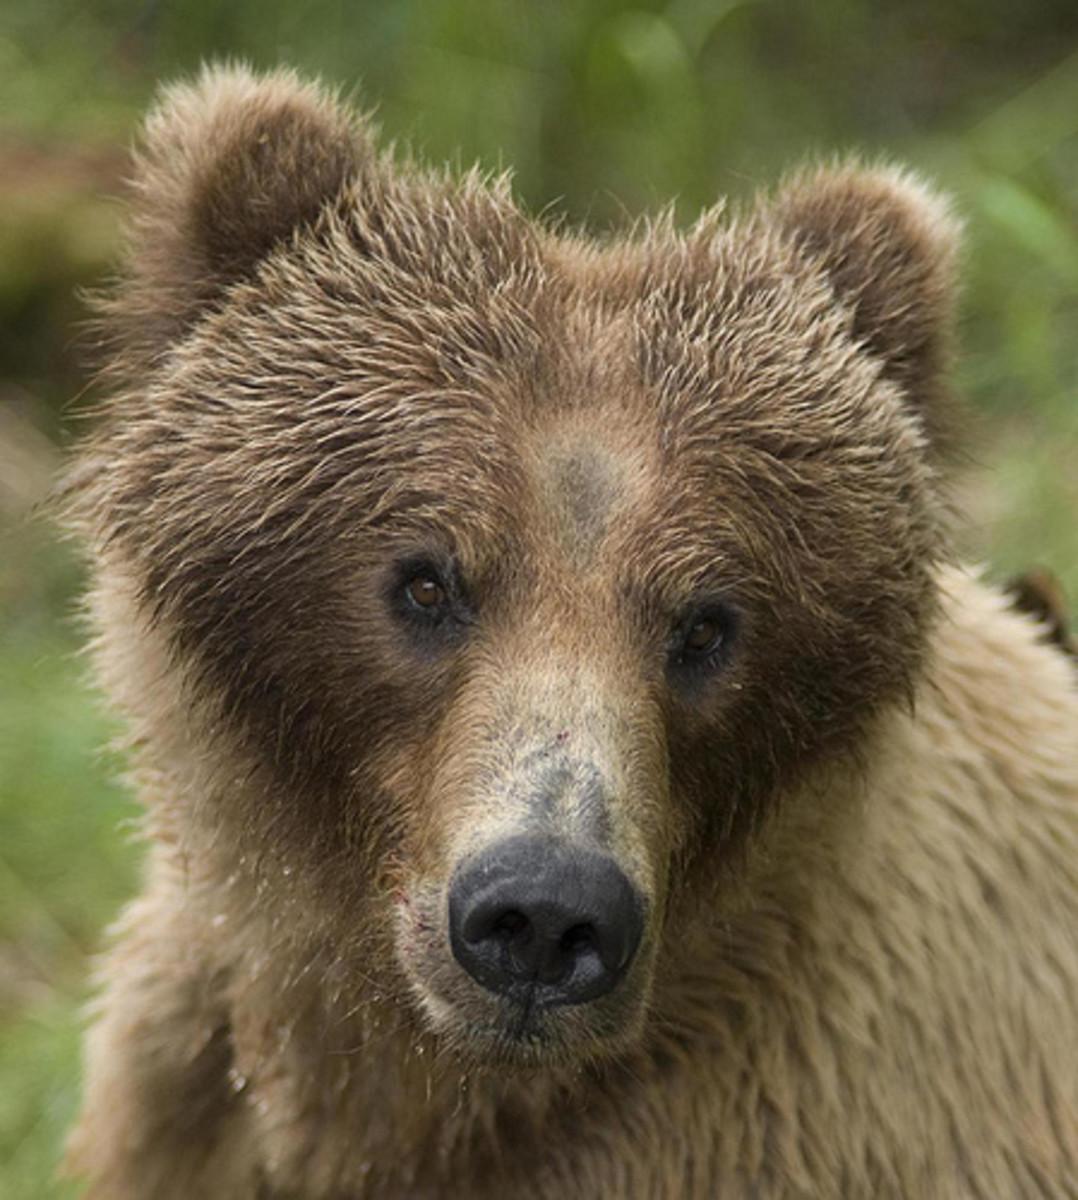 Heart shaped bear face